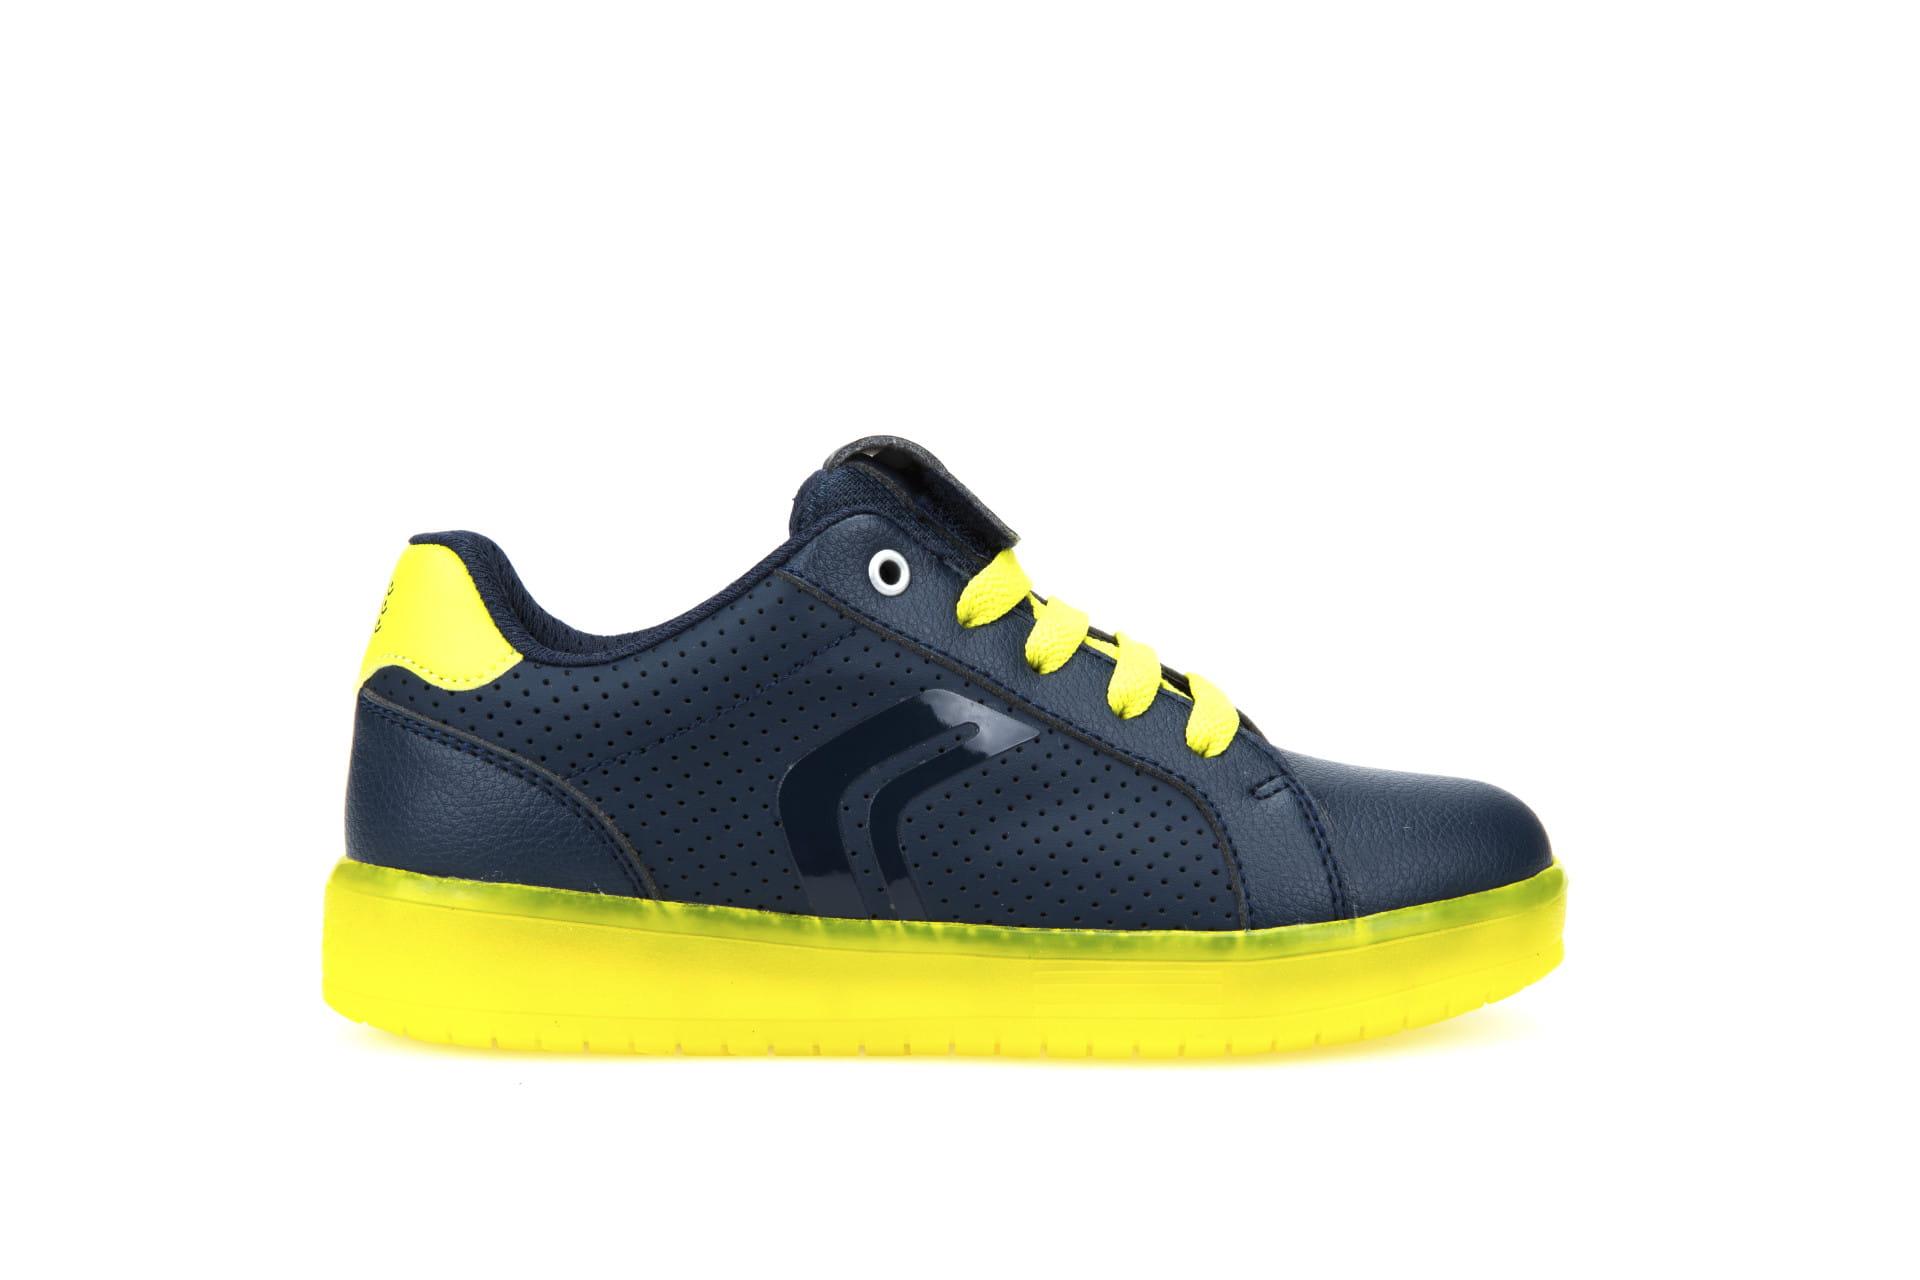 73f6701f Świecące buty LED chłopięce Geox Kommodor - KokoLeti